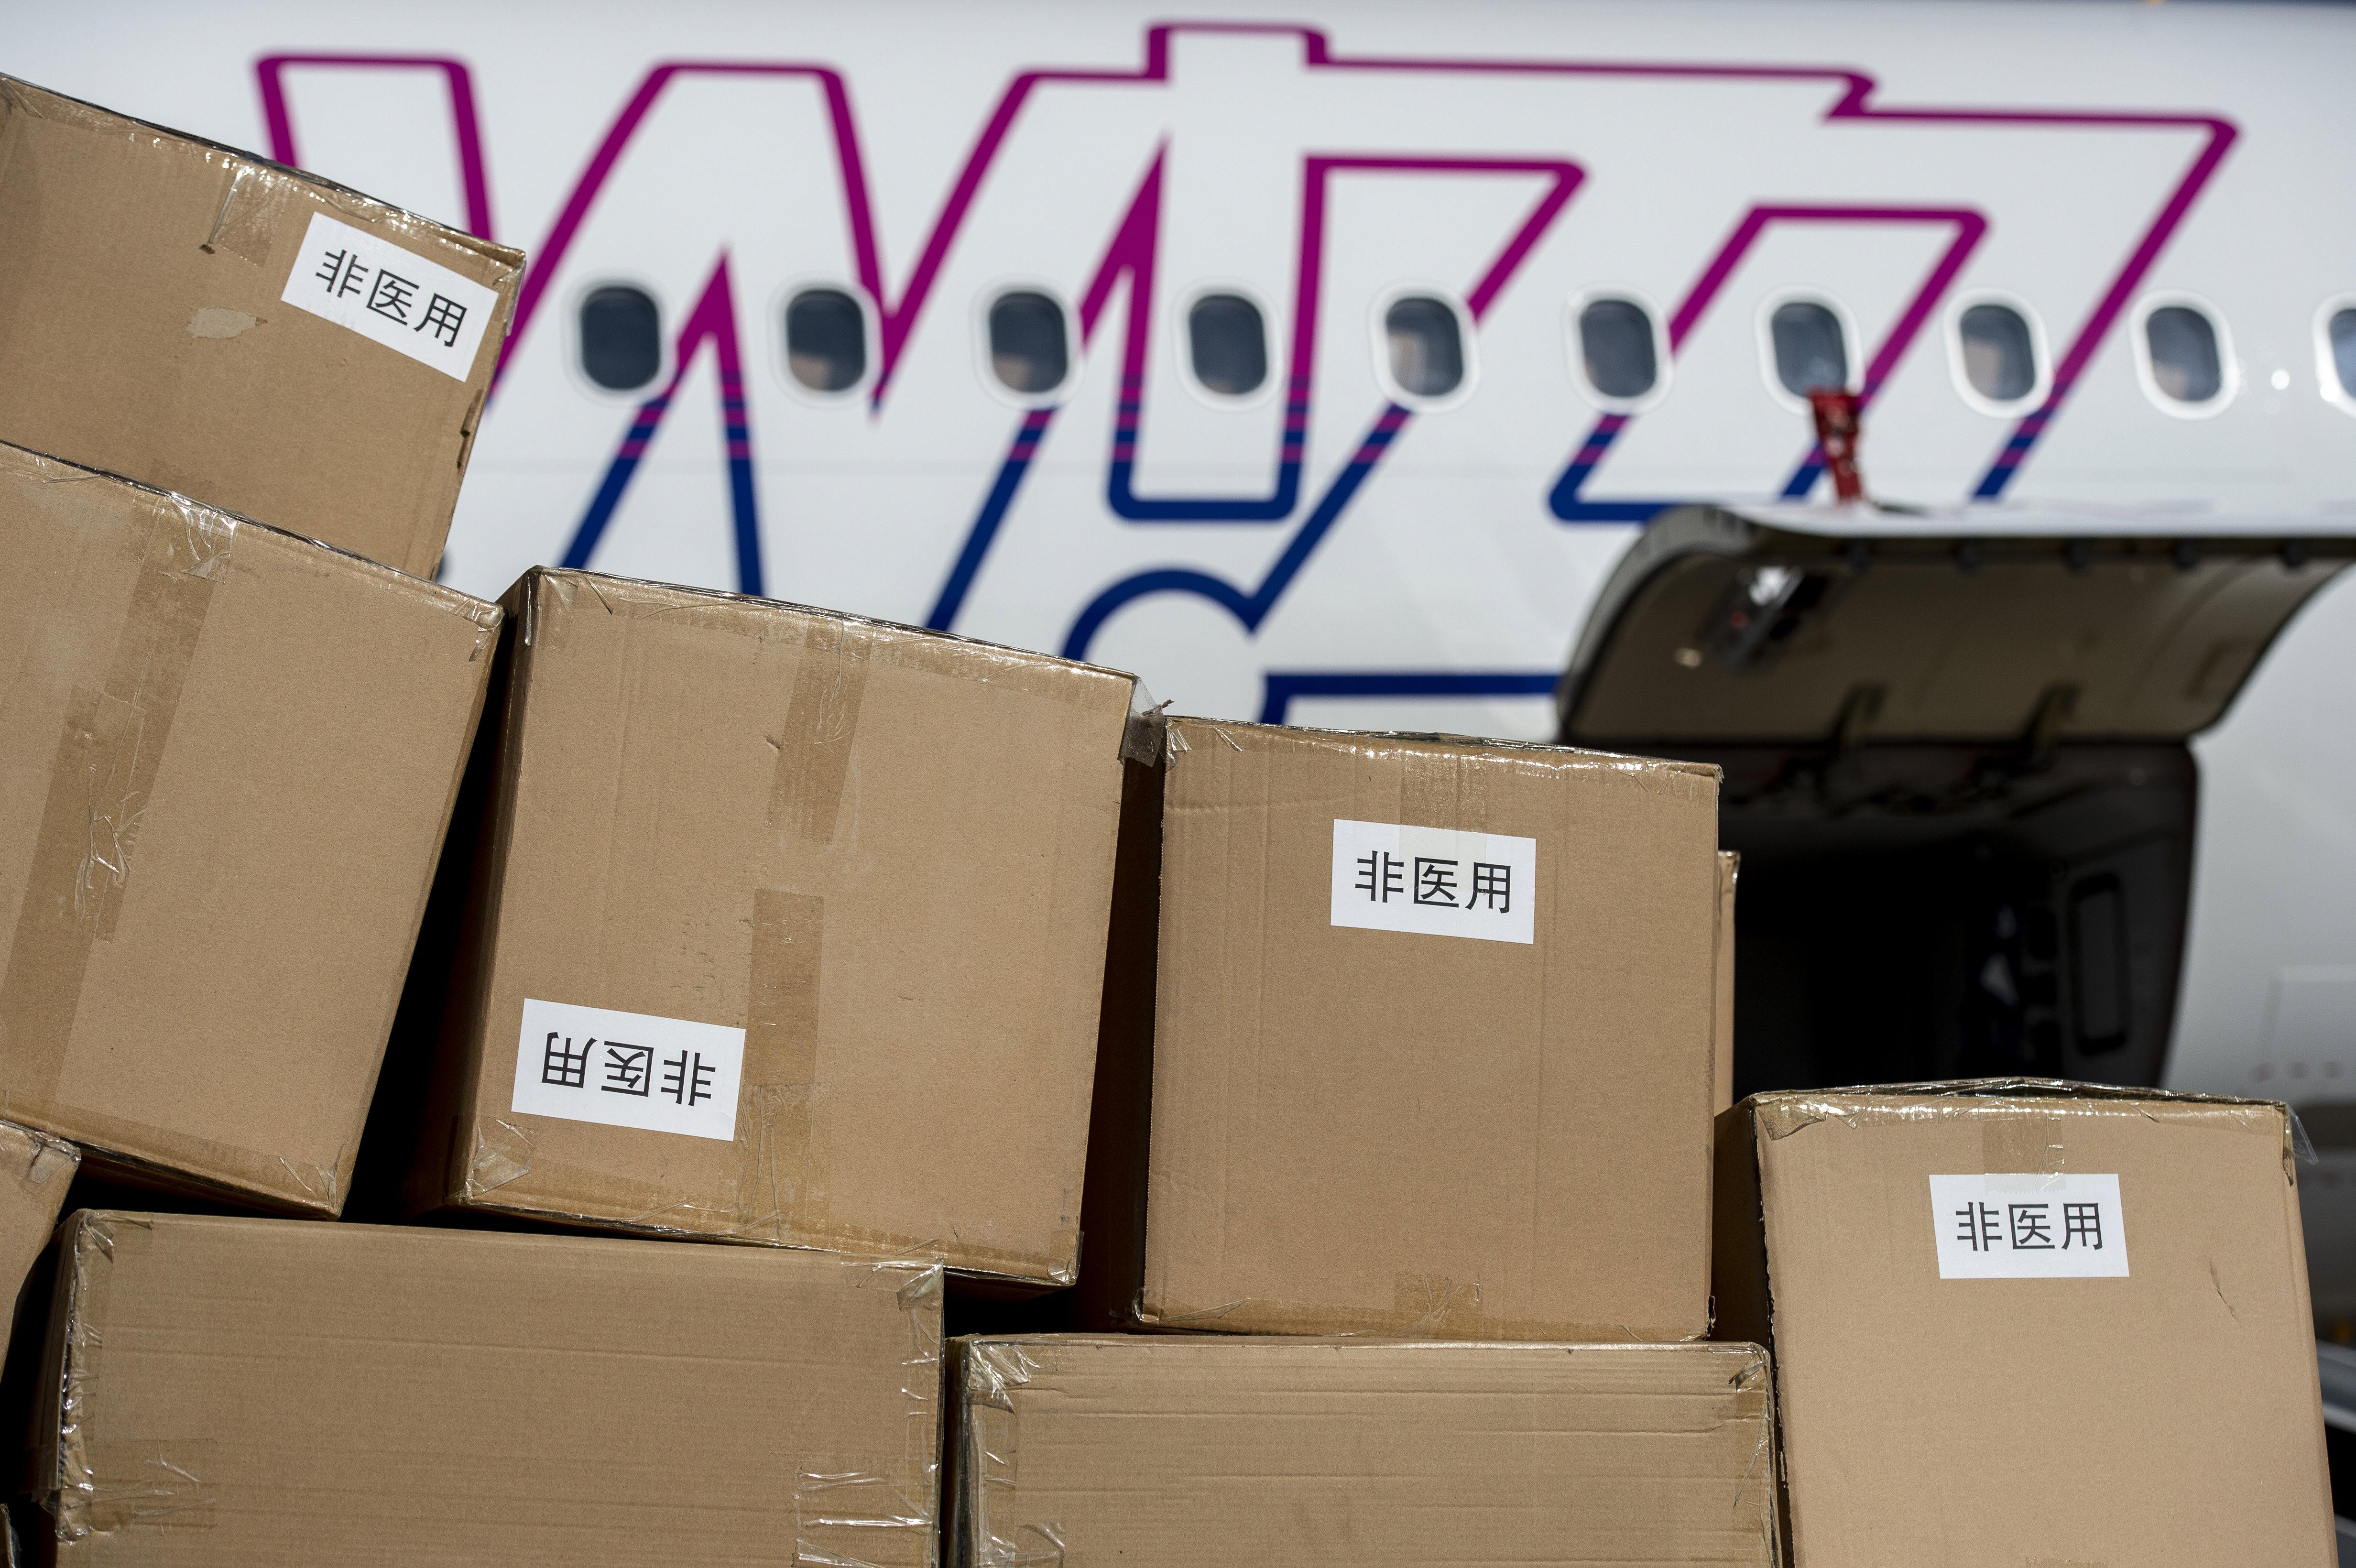 A kormány szerint azért a WizzAir utasszállítói hozták a kínai eszközöket, mert a Honvédség gépeibe nem fért volna be